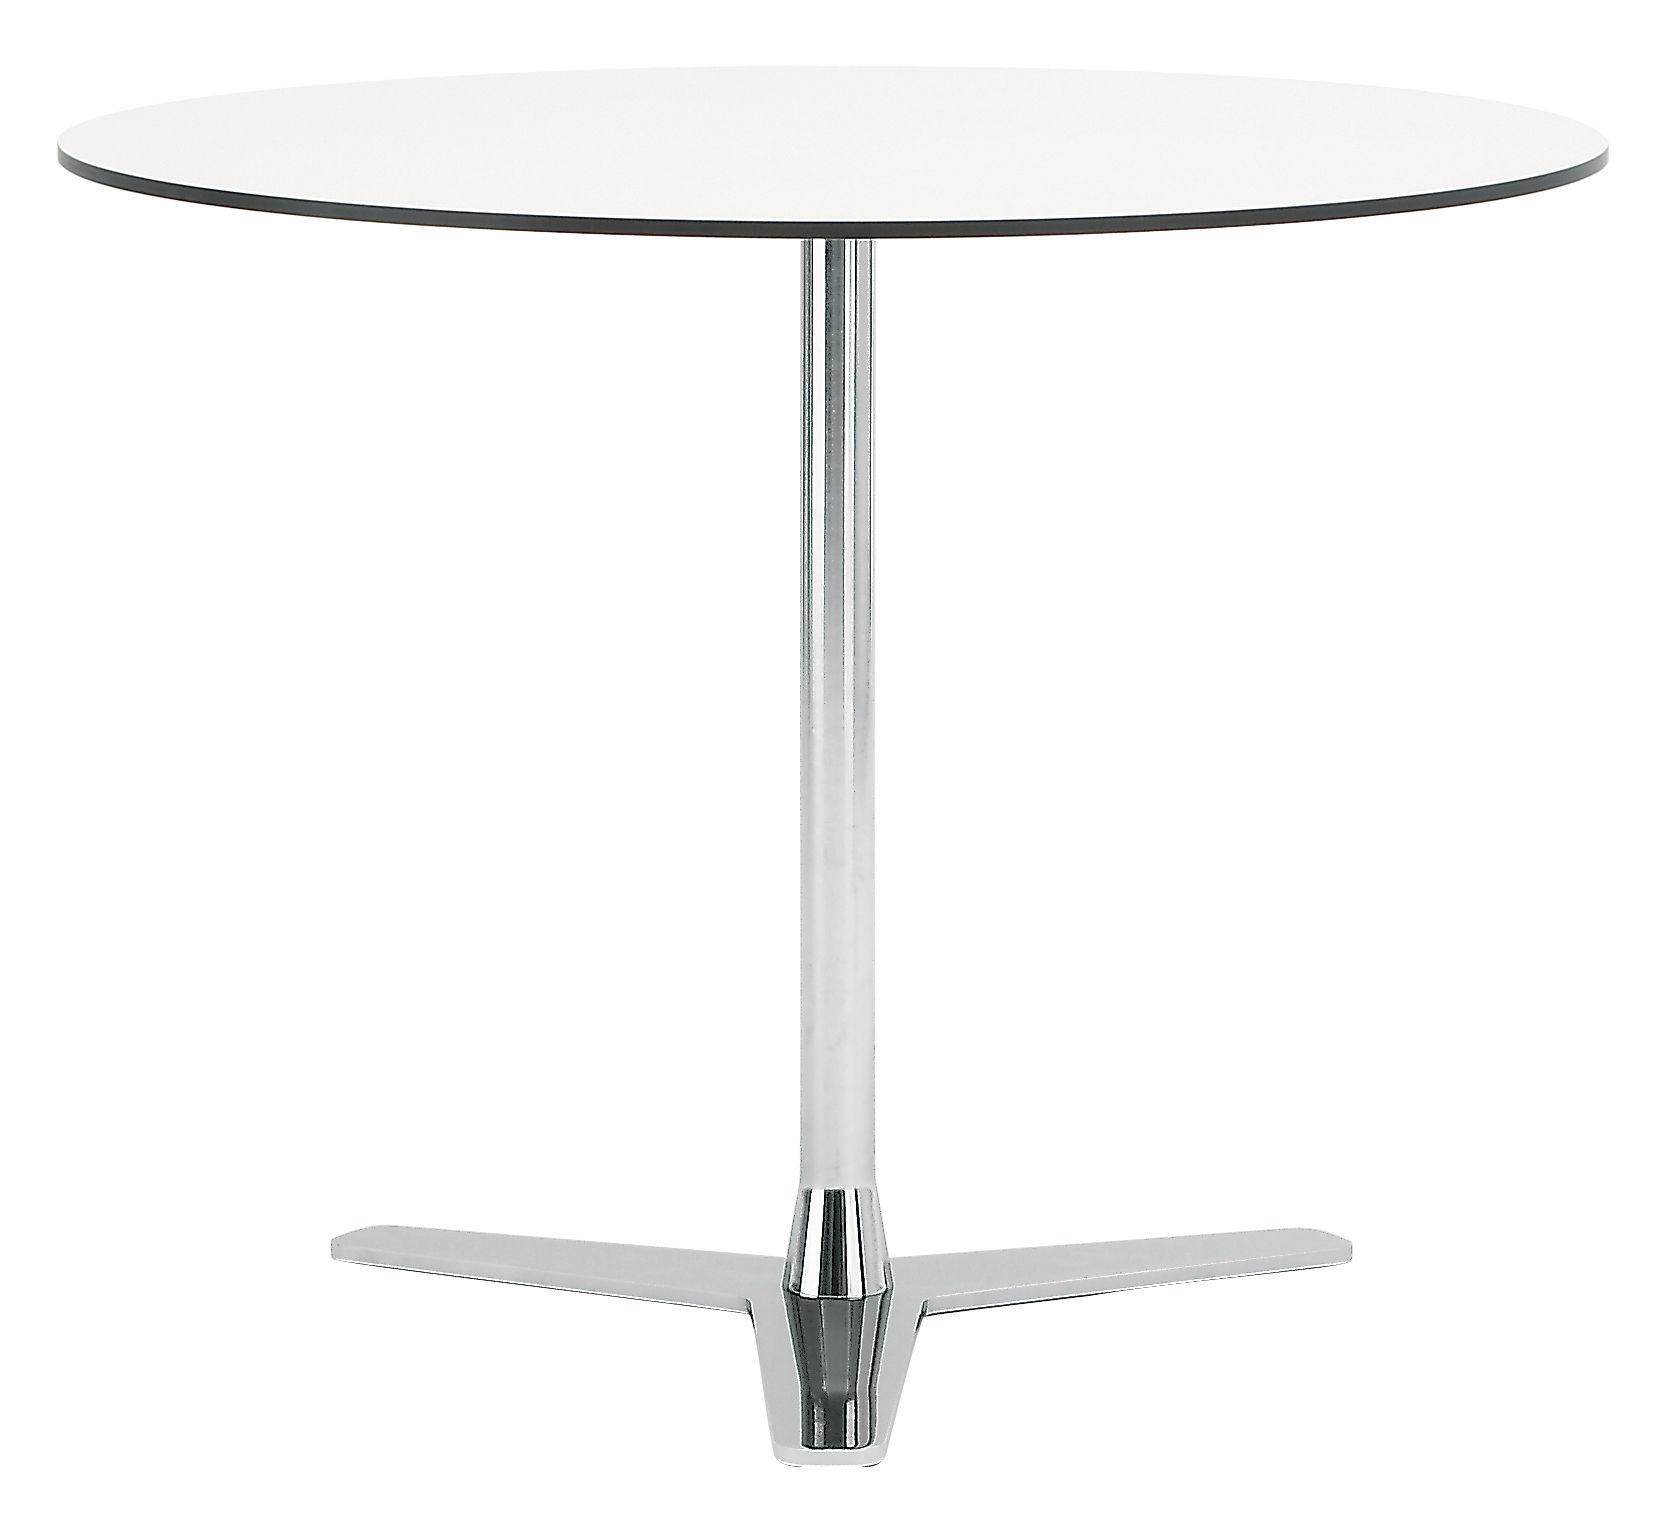 Arredamento - Tavoli - Tavolo rotondo Propeller di Offecct - Bianco / Piede cromato - Acciaio cromato, Stratificato compatto